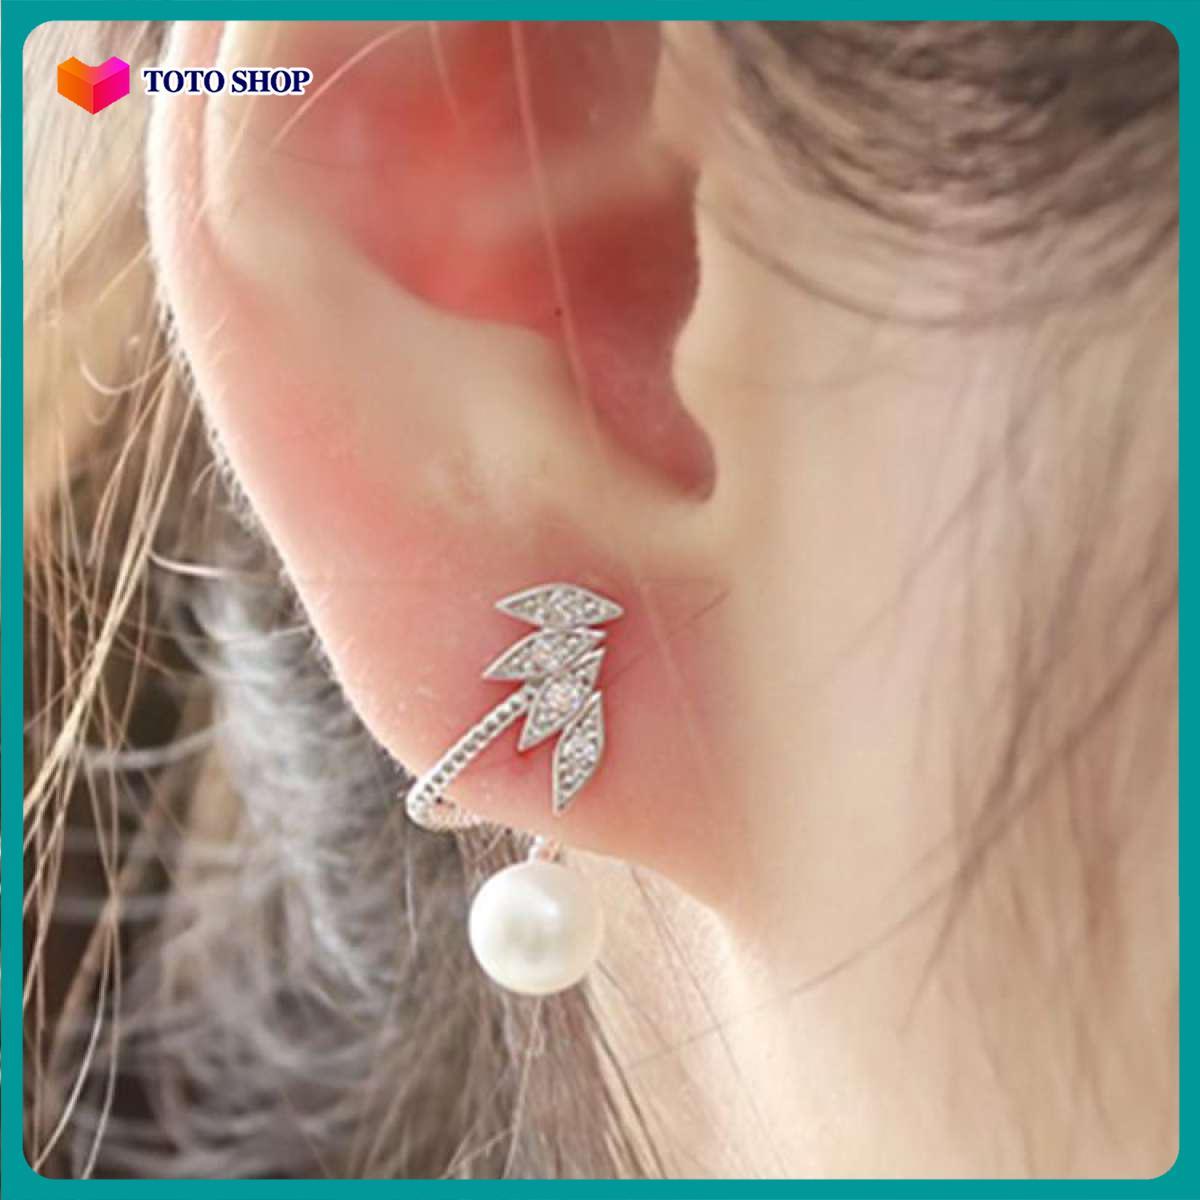 [HCM]Khuyên tai nữ bông tai  phong cách cá tính thời trang phong cách quý phái kiểu dáng đơn giản dễ kết hợp phong cách Hàn Quốc - [ToTo Shop]